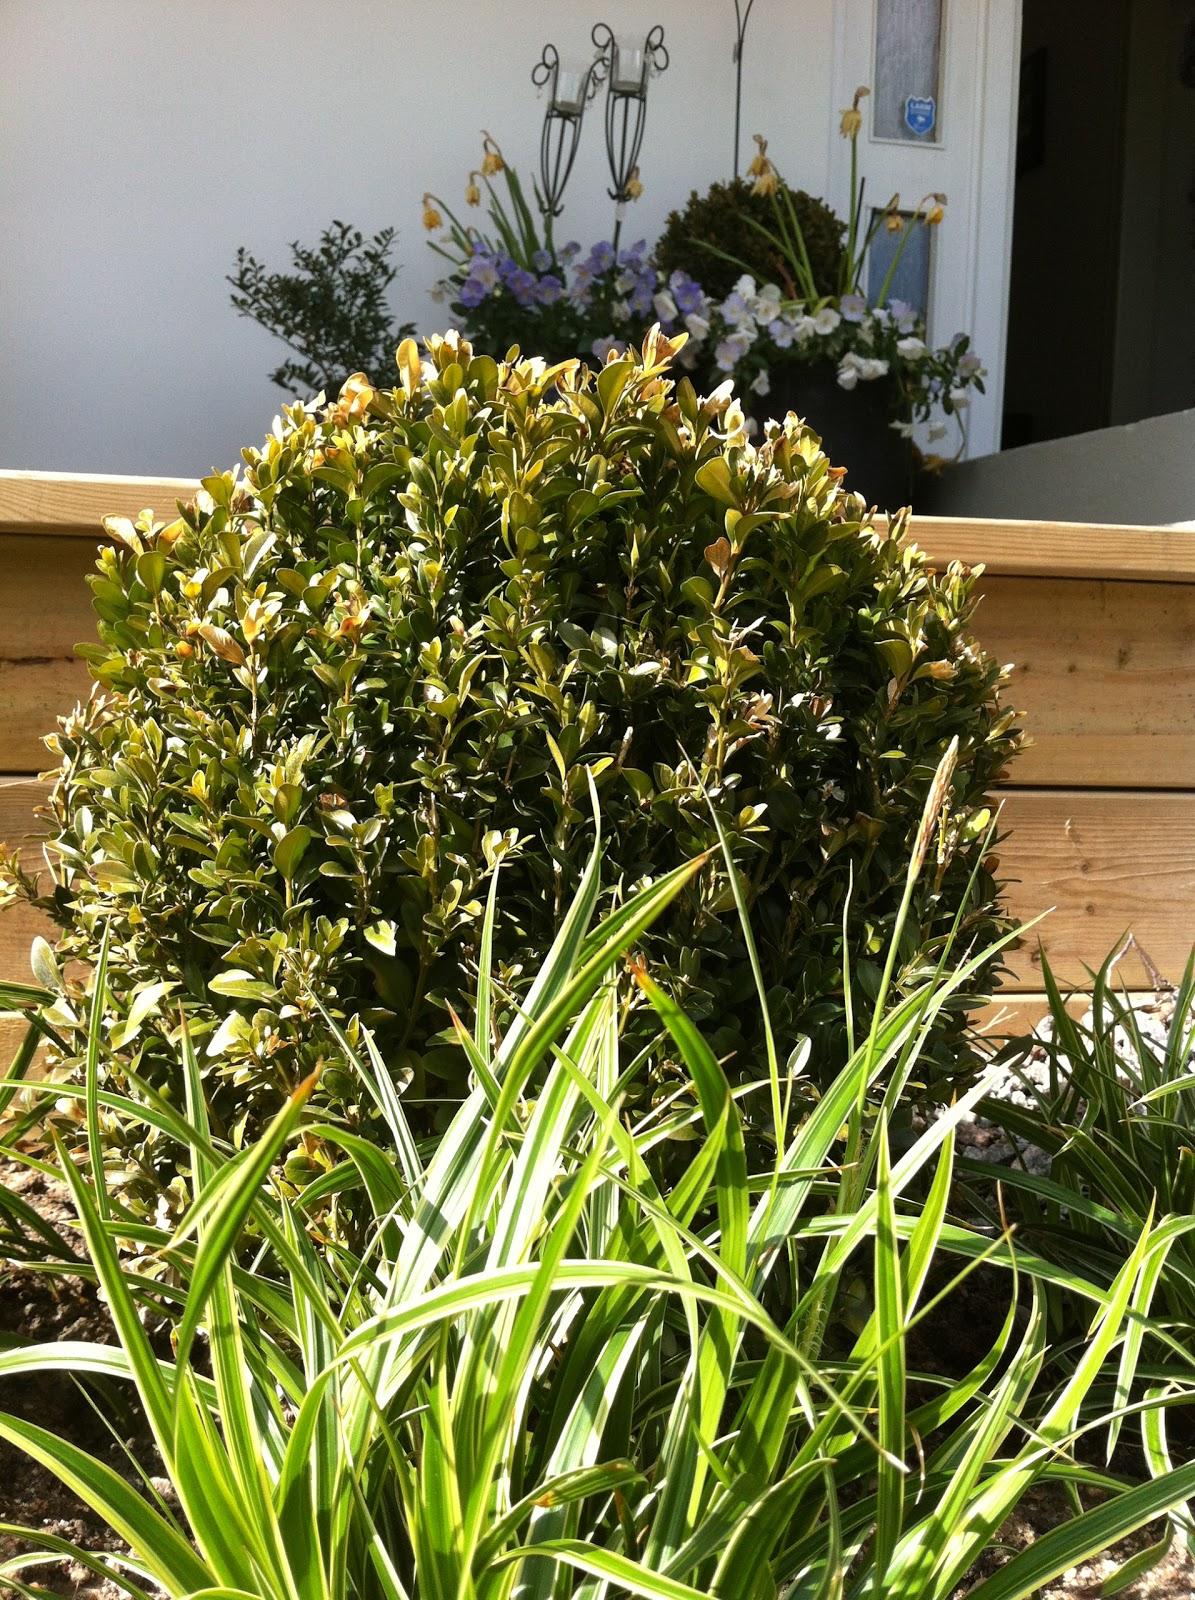 Njut i din trädgård: små steg räknas också!